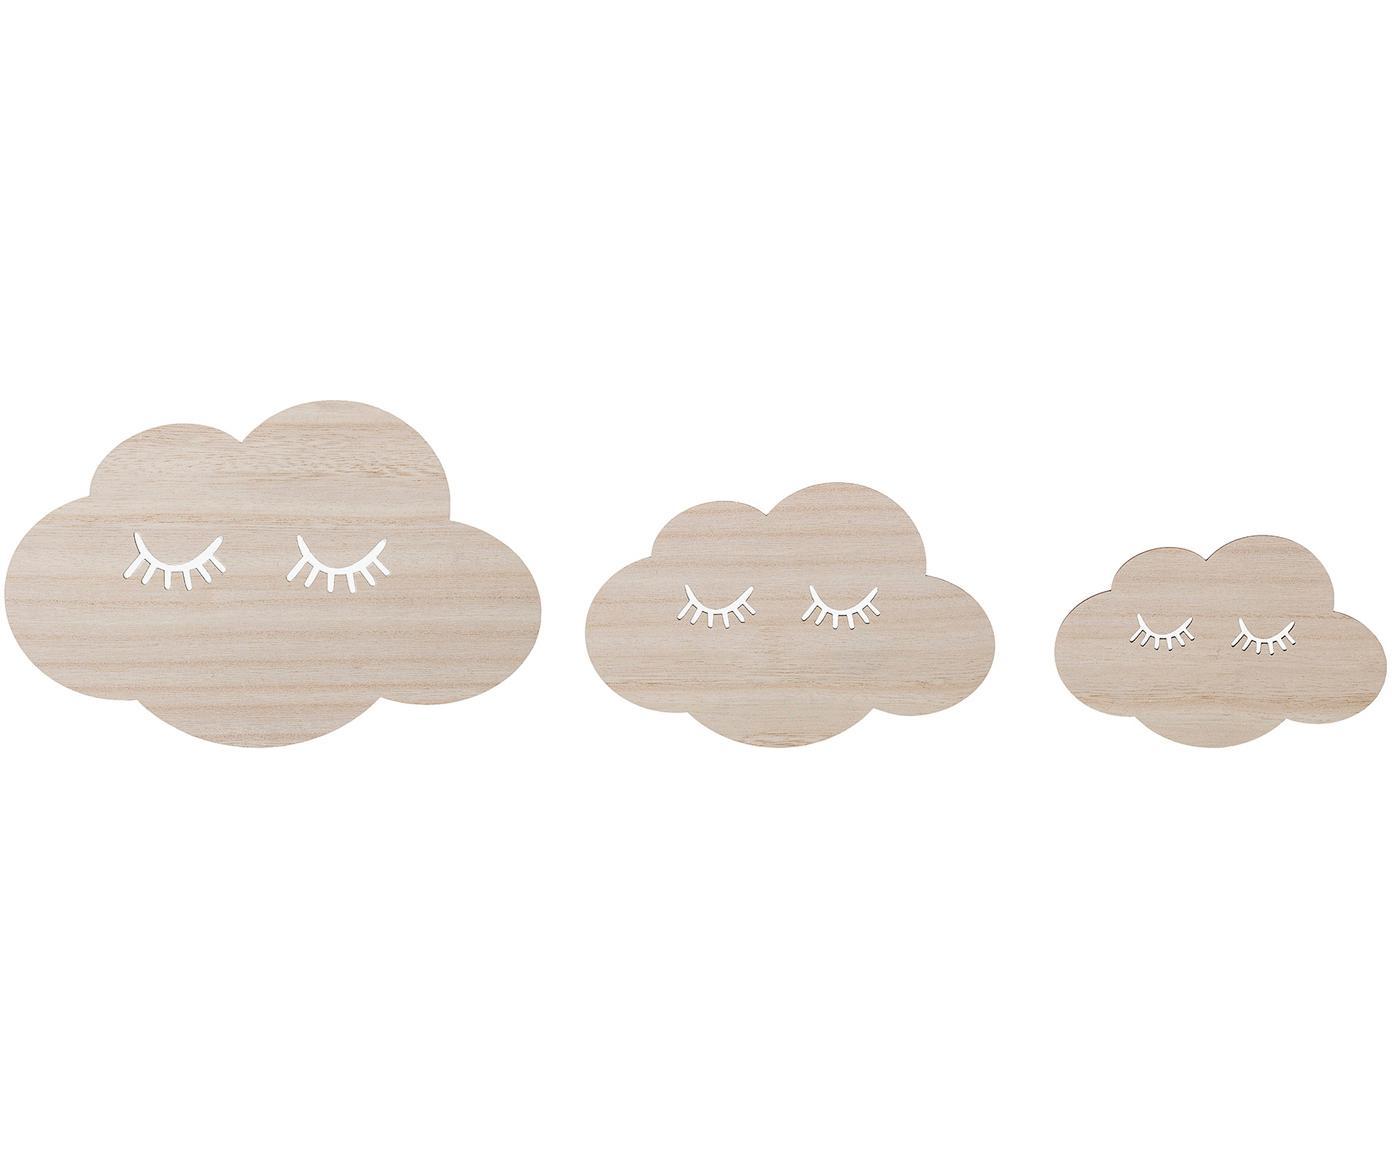 Set decorazioni da parete Clouds, 3 pz., Legno, Marrone, Larg. 21 x Alt. 14 cm